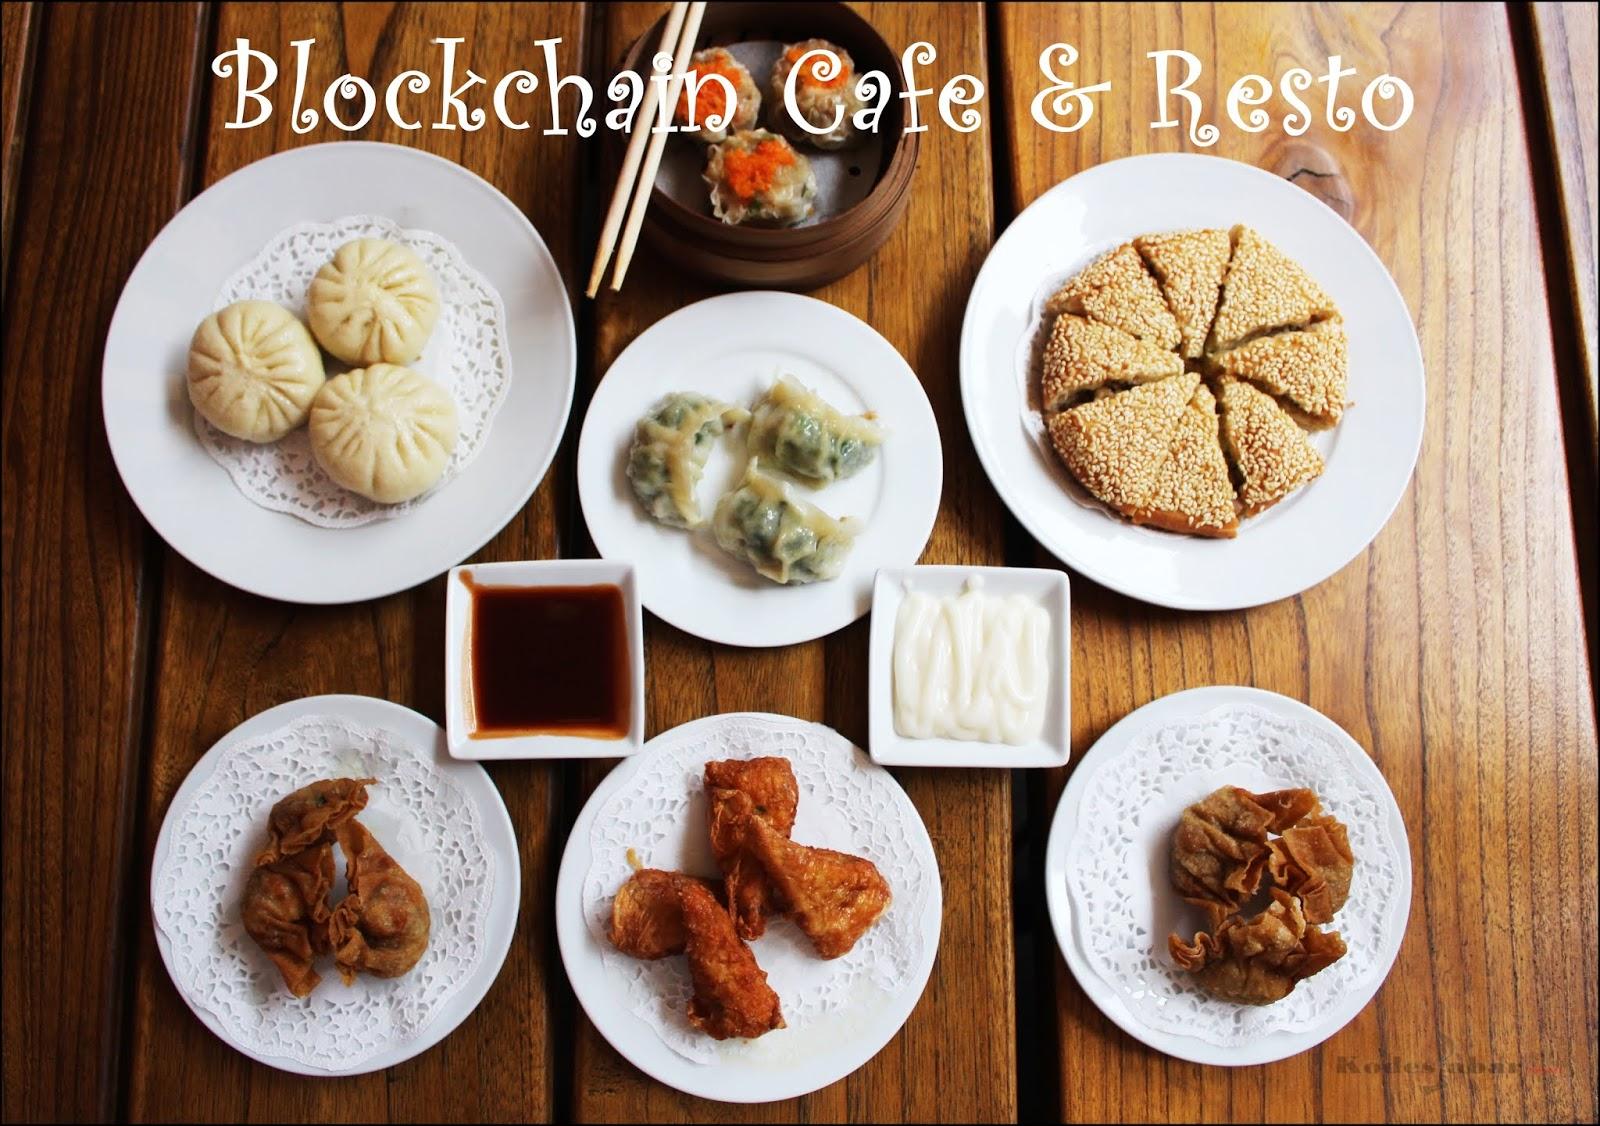 Blockchain Cafe & Resto, Pusatnya Kuliner Chinese Food Paling Lezat di Bandung